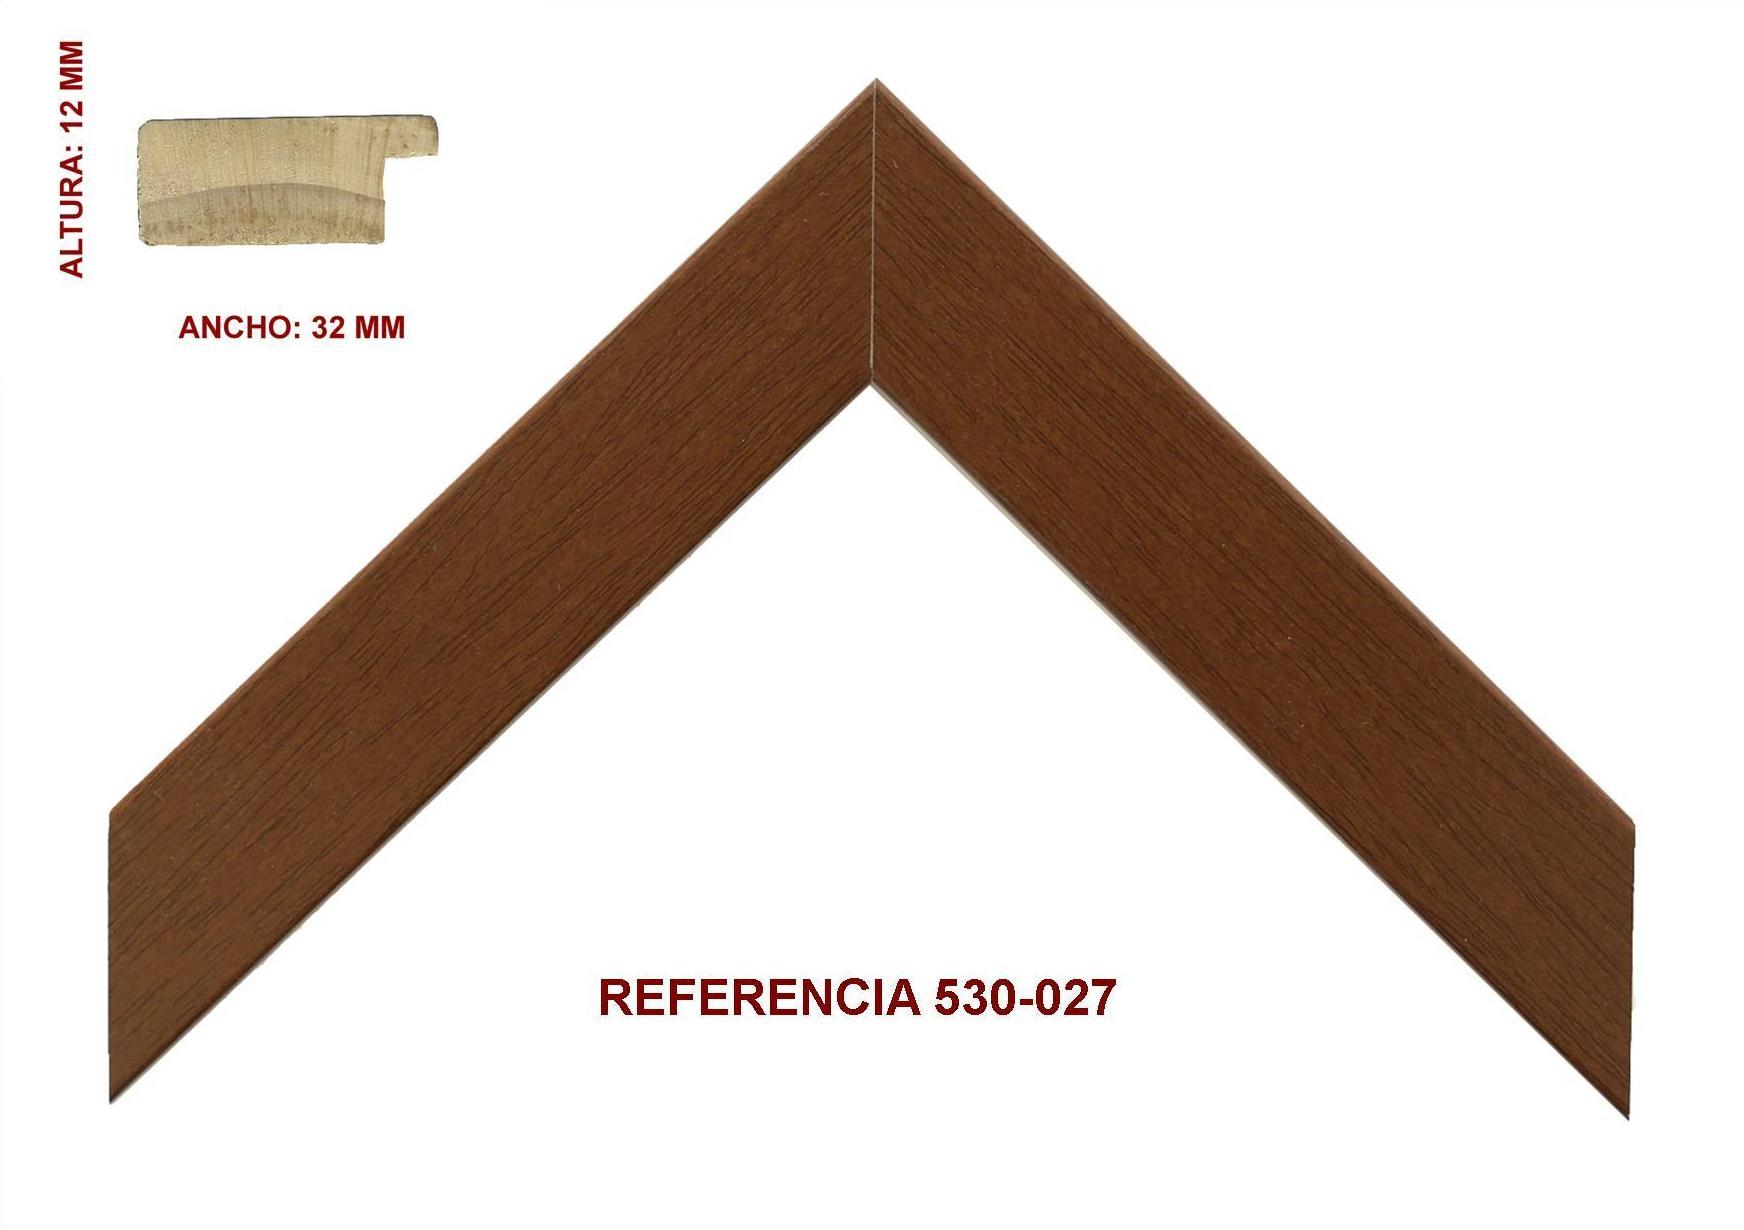 REF 530-027: Muestrario de Moldusevilla